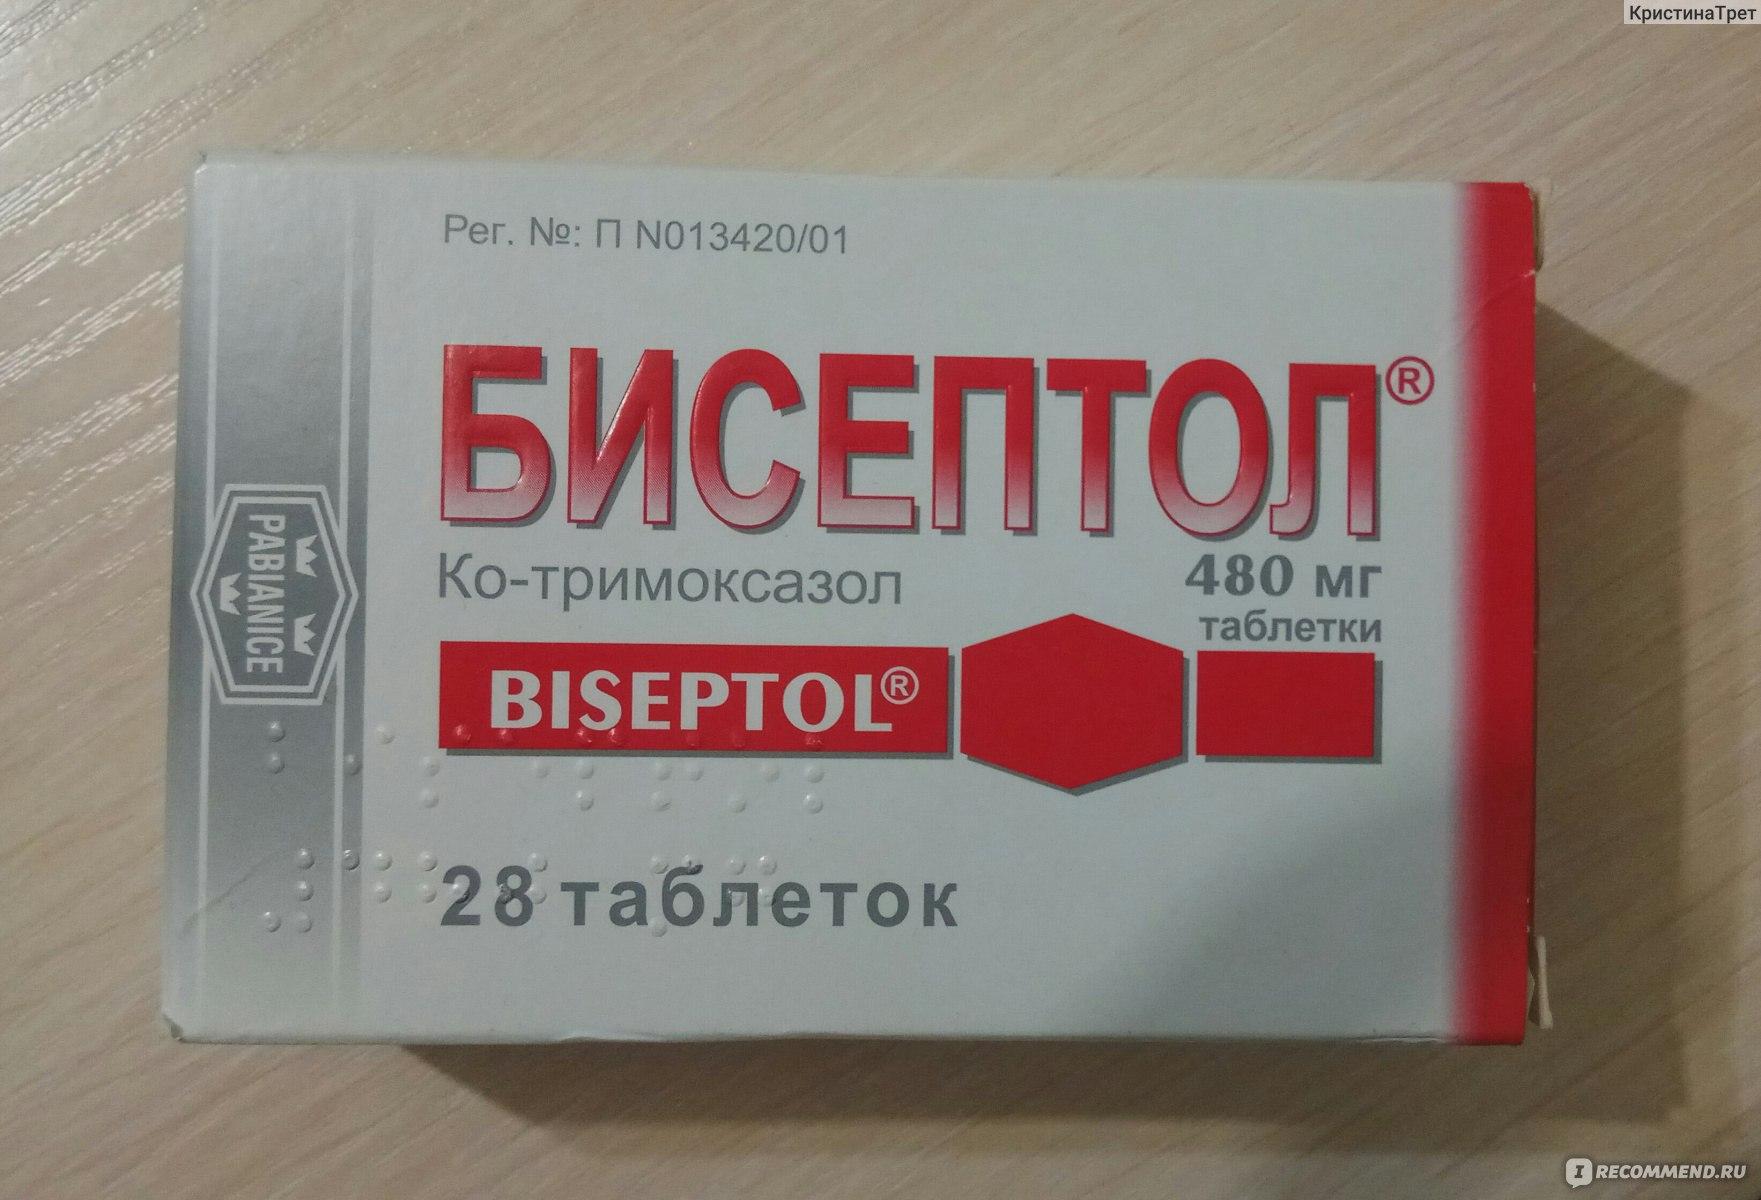 Бисептол лечение простатита инструкция по применению цена отзывы трава скрипун от простатита